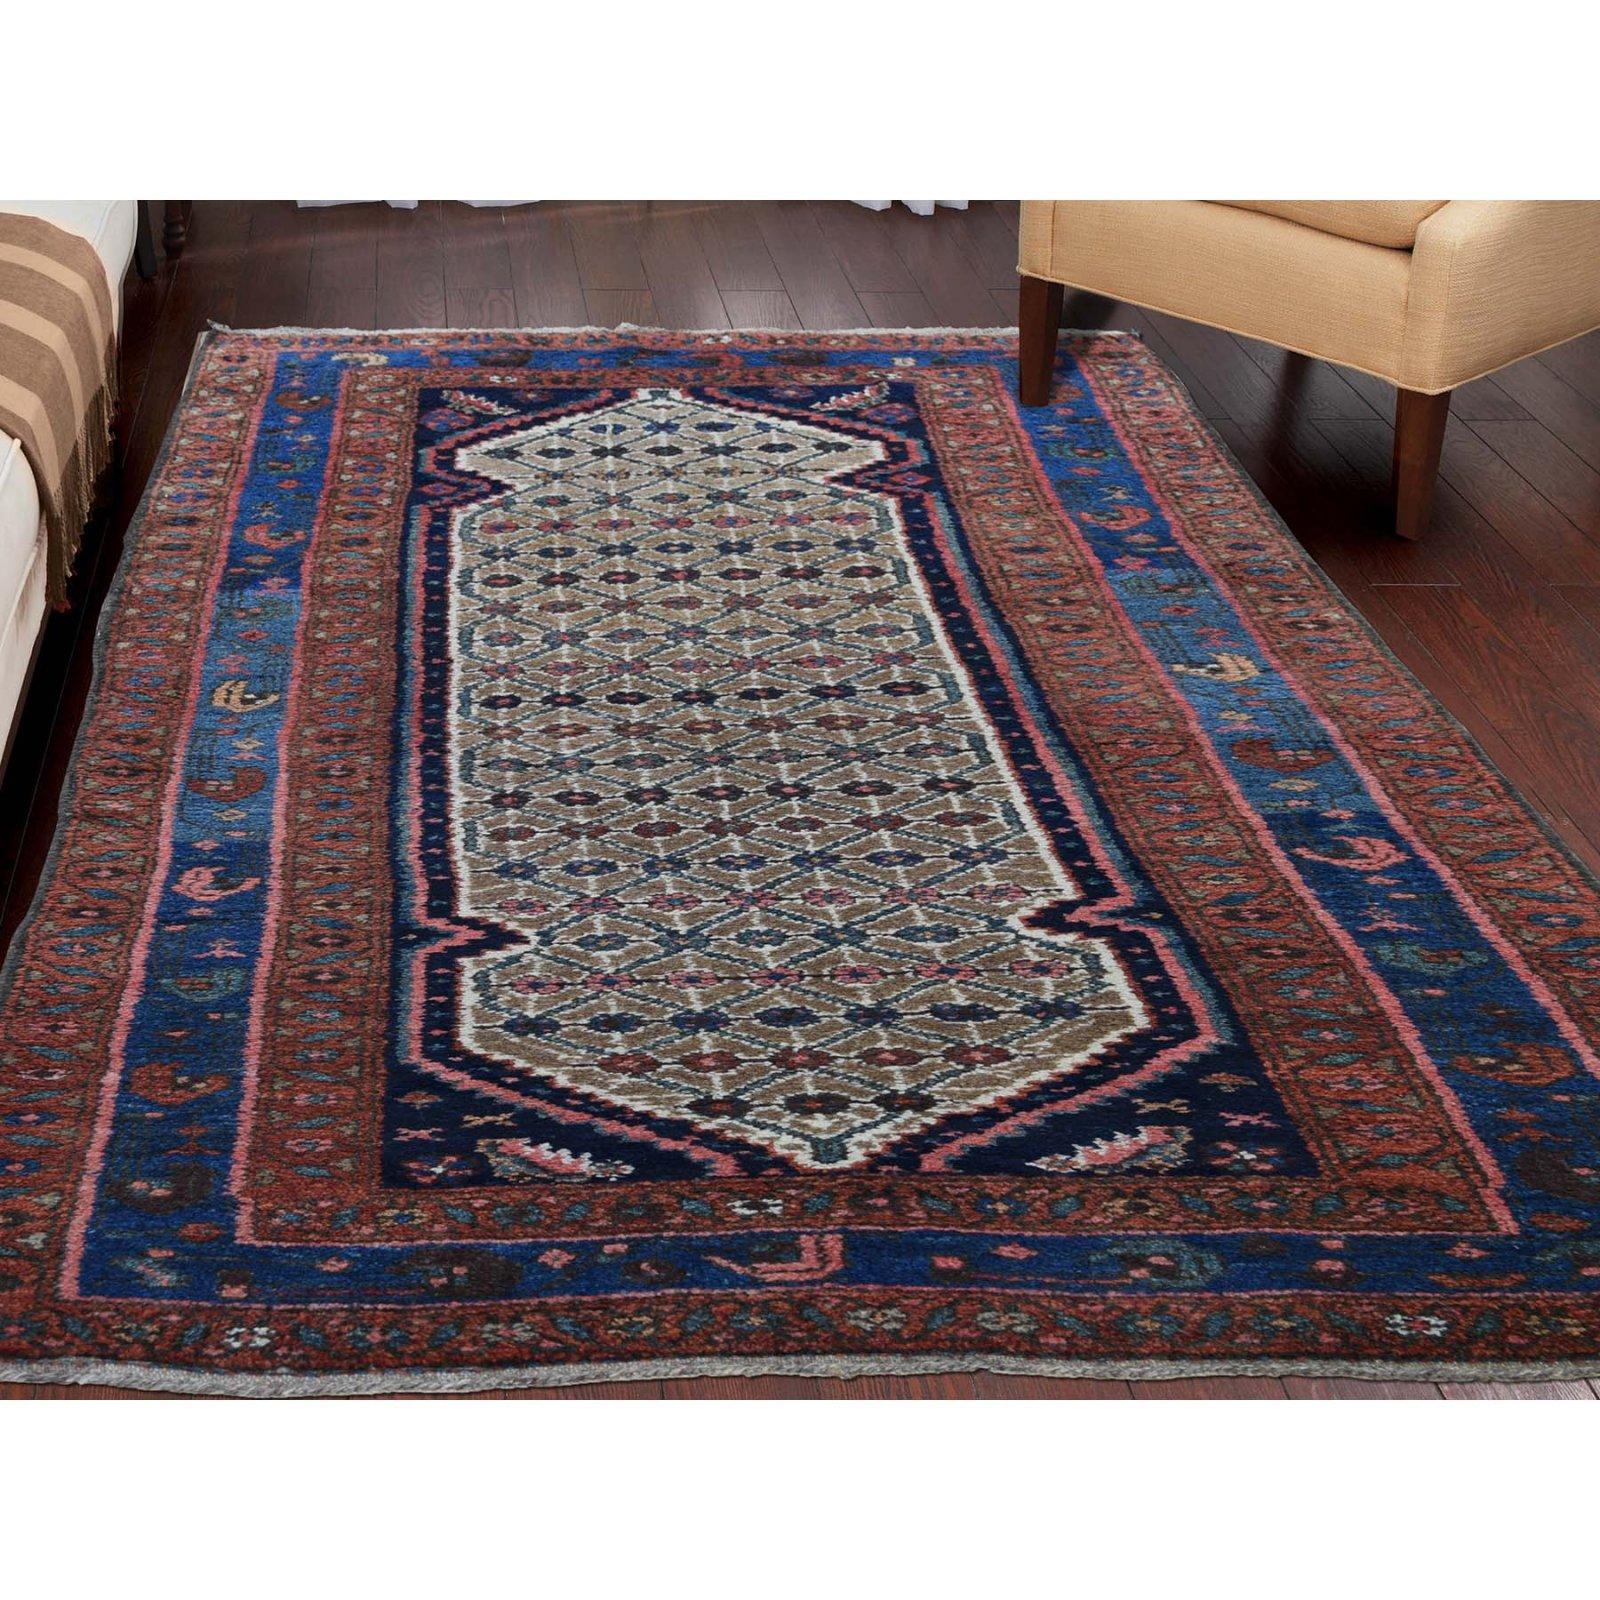 3'6 x 7'0 Antique Persian Camel Hair Hamadan, Pure Wool